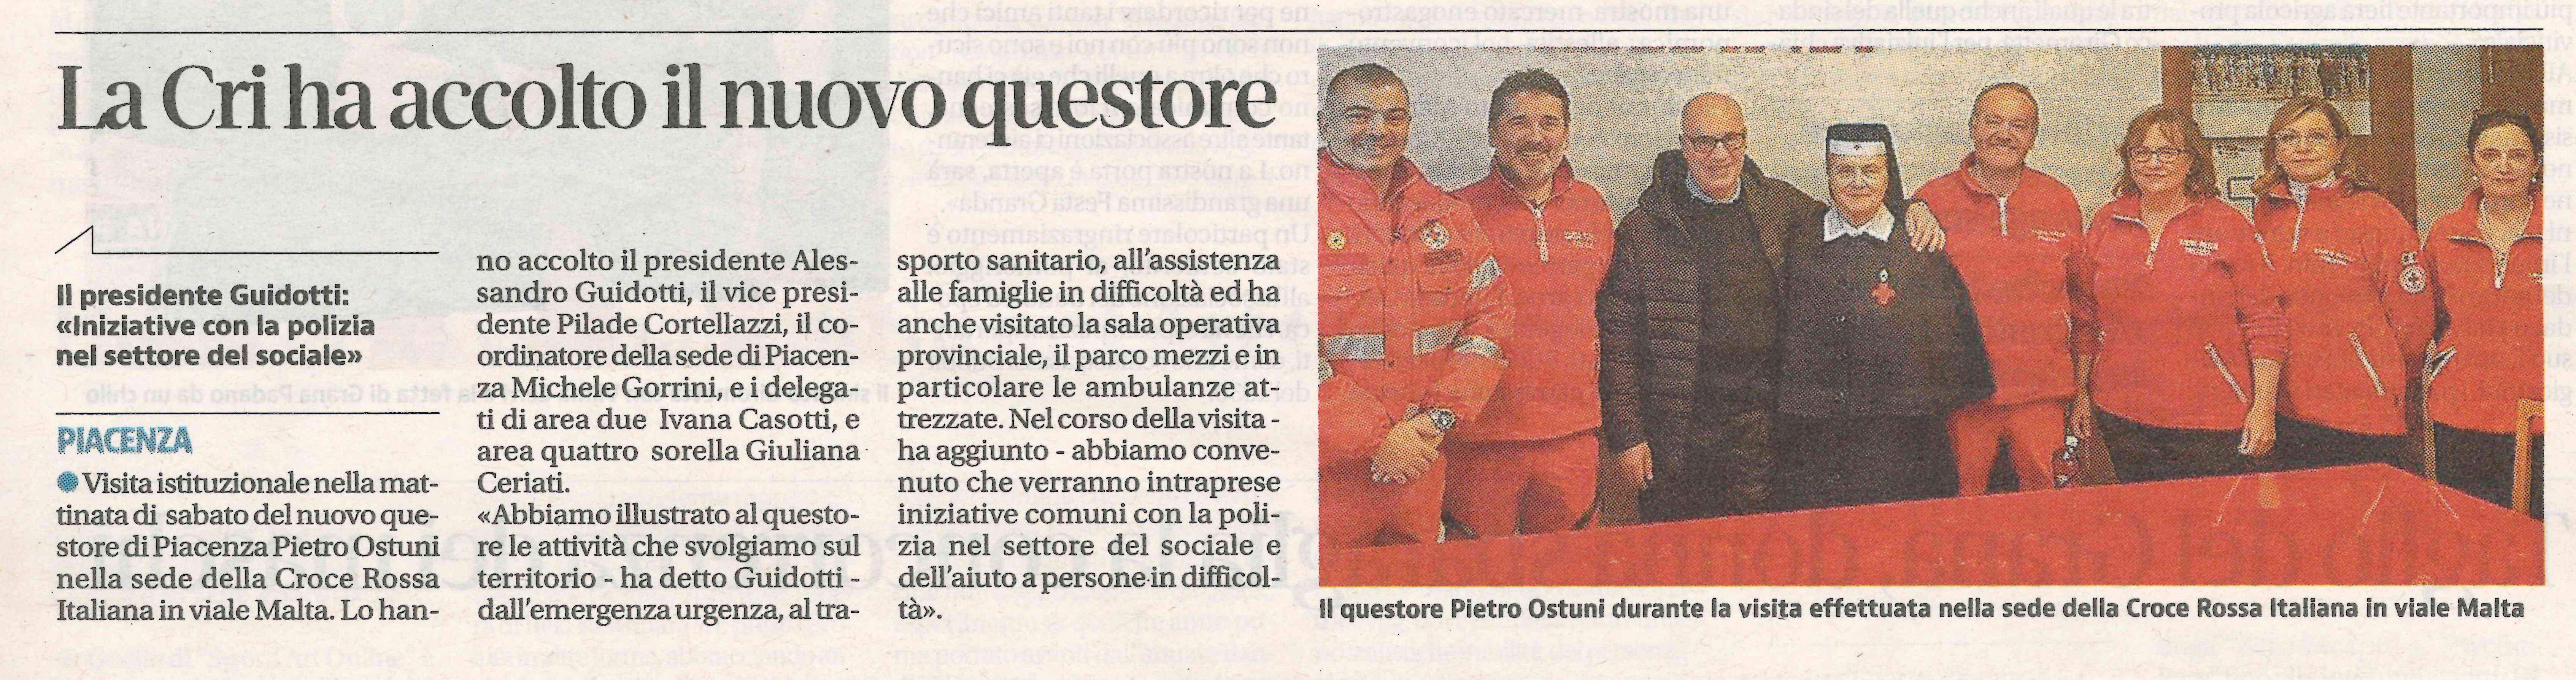 Polizia di Stato - Questure sul web - Piacenza